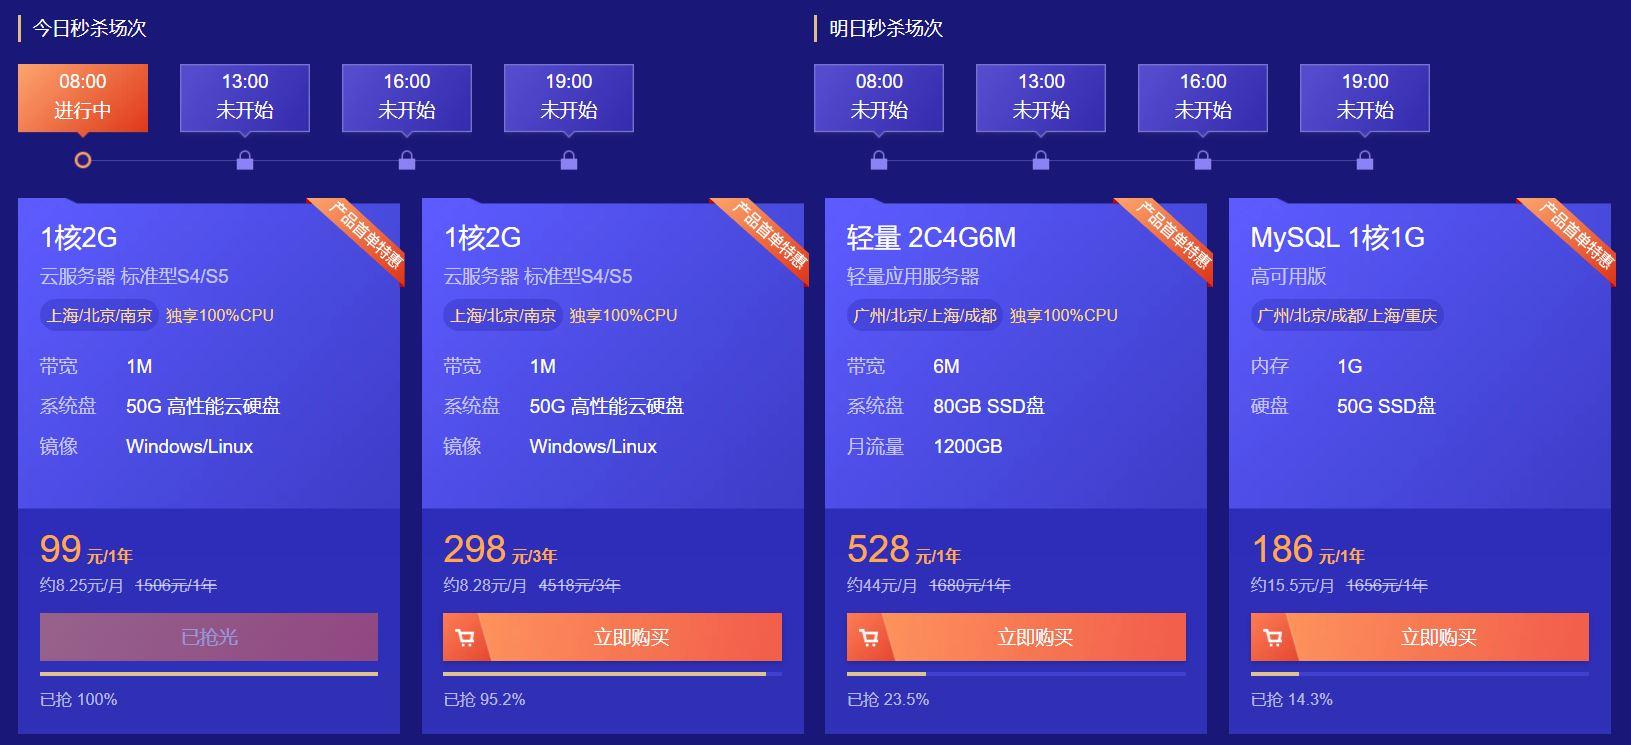 腾讯云-新用户秒杀-服务器价格